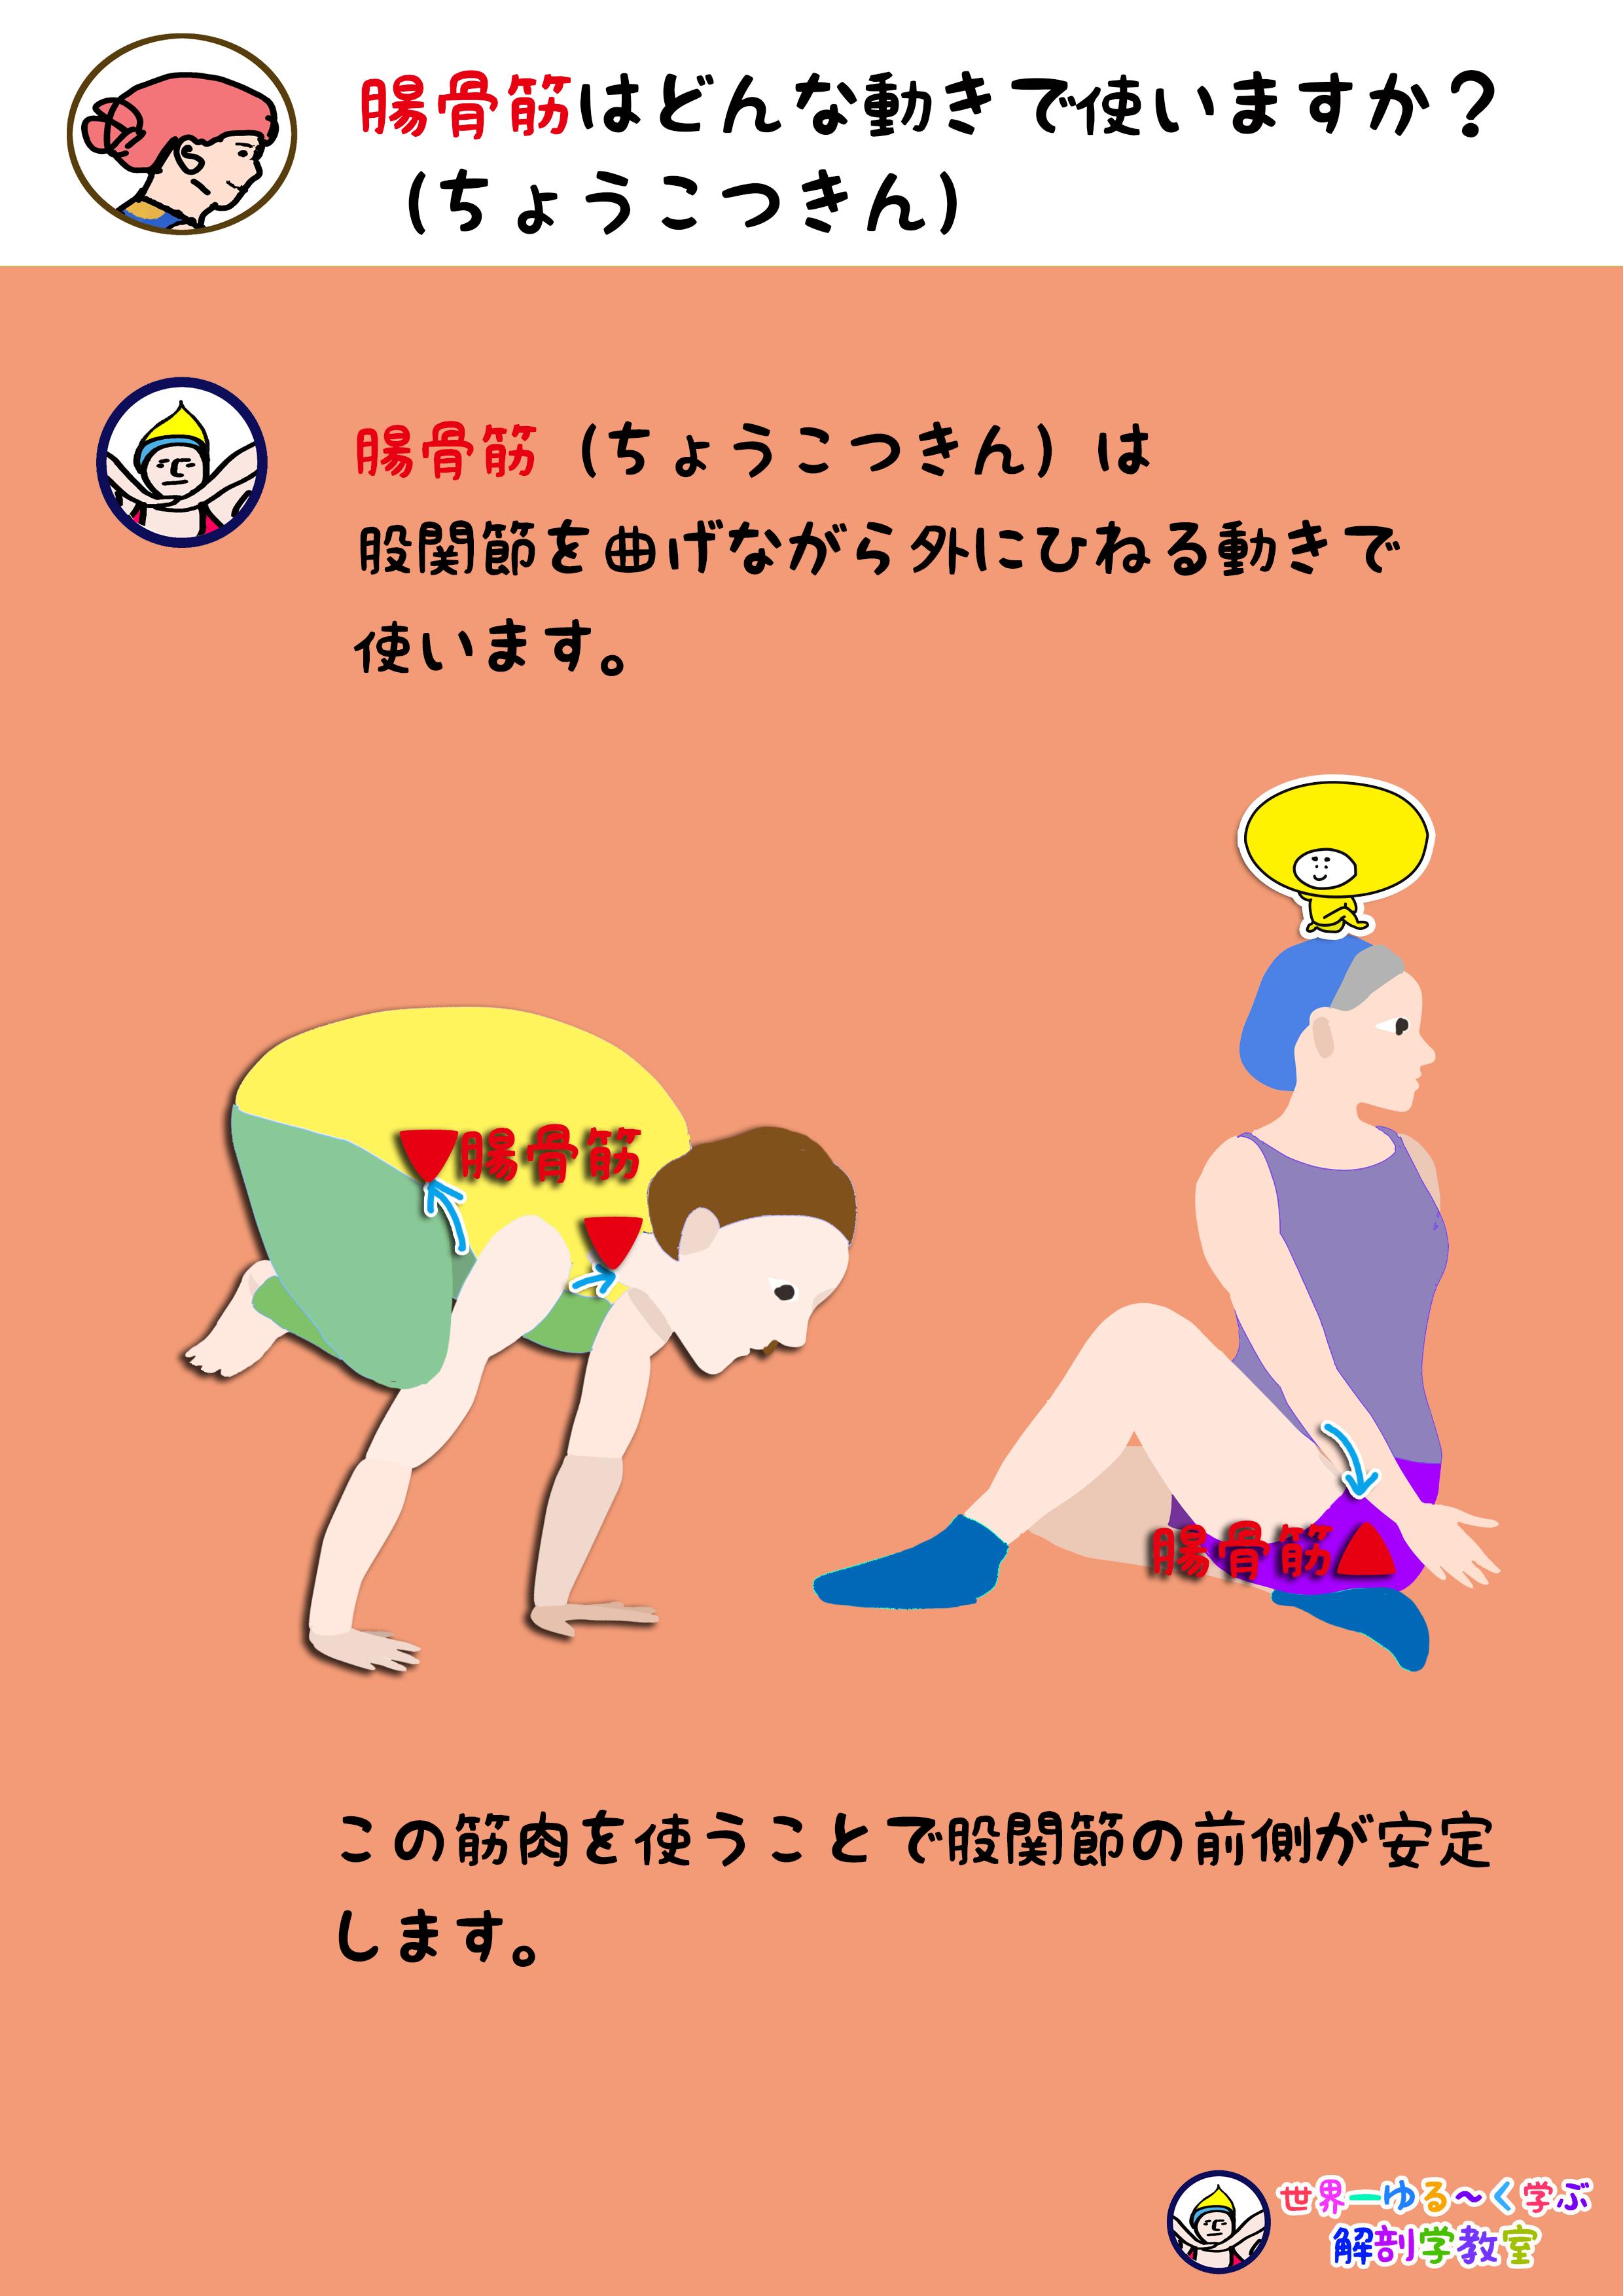 腸骨筋を使う動き